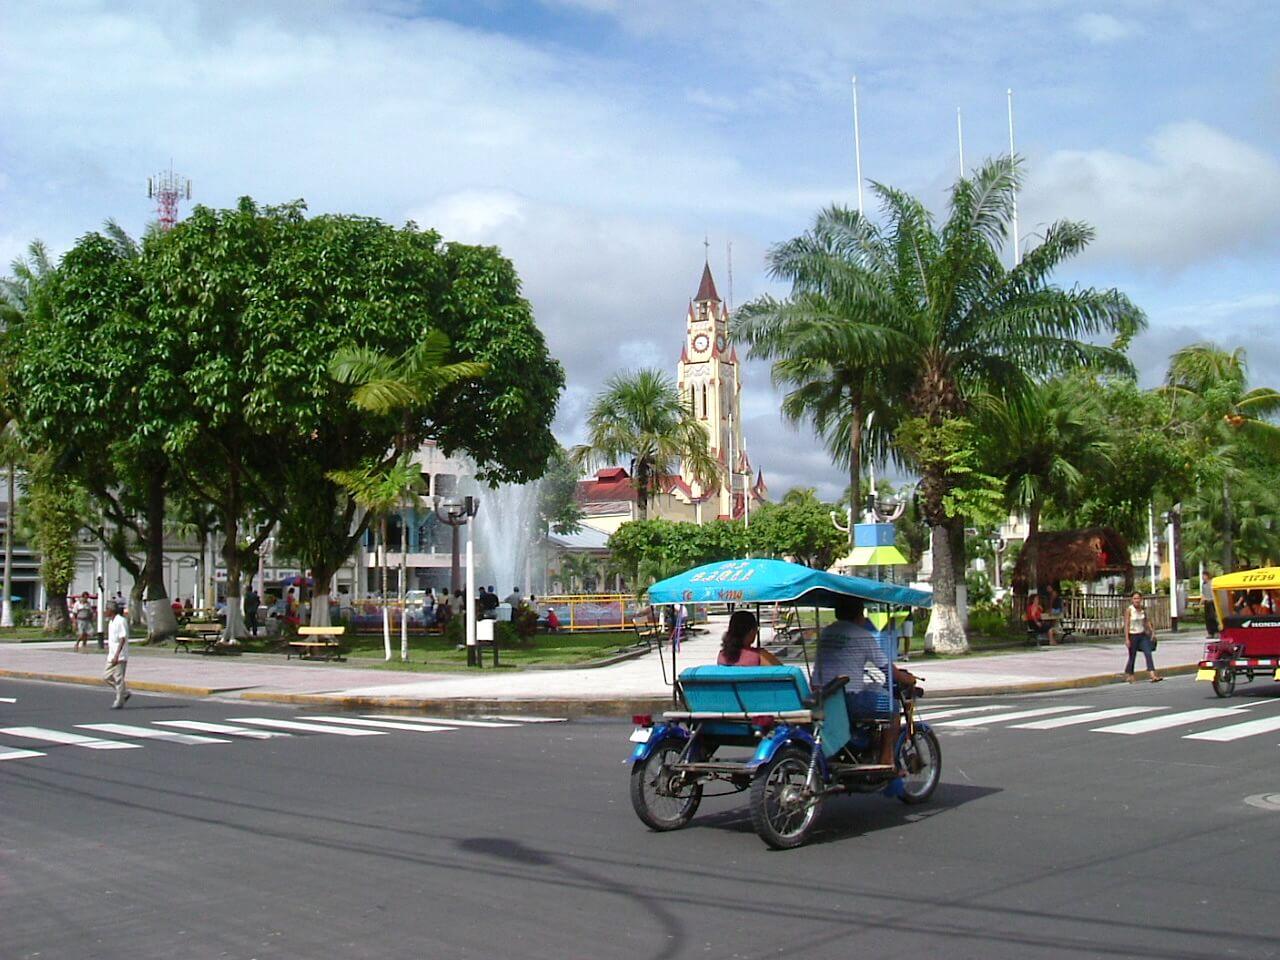 Iquitos City Square